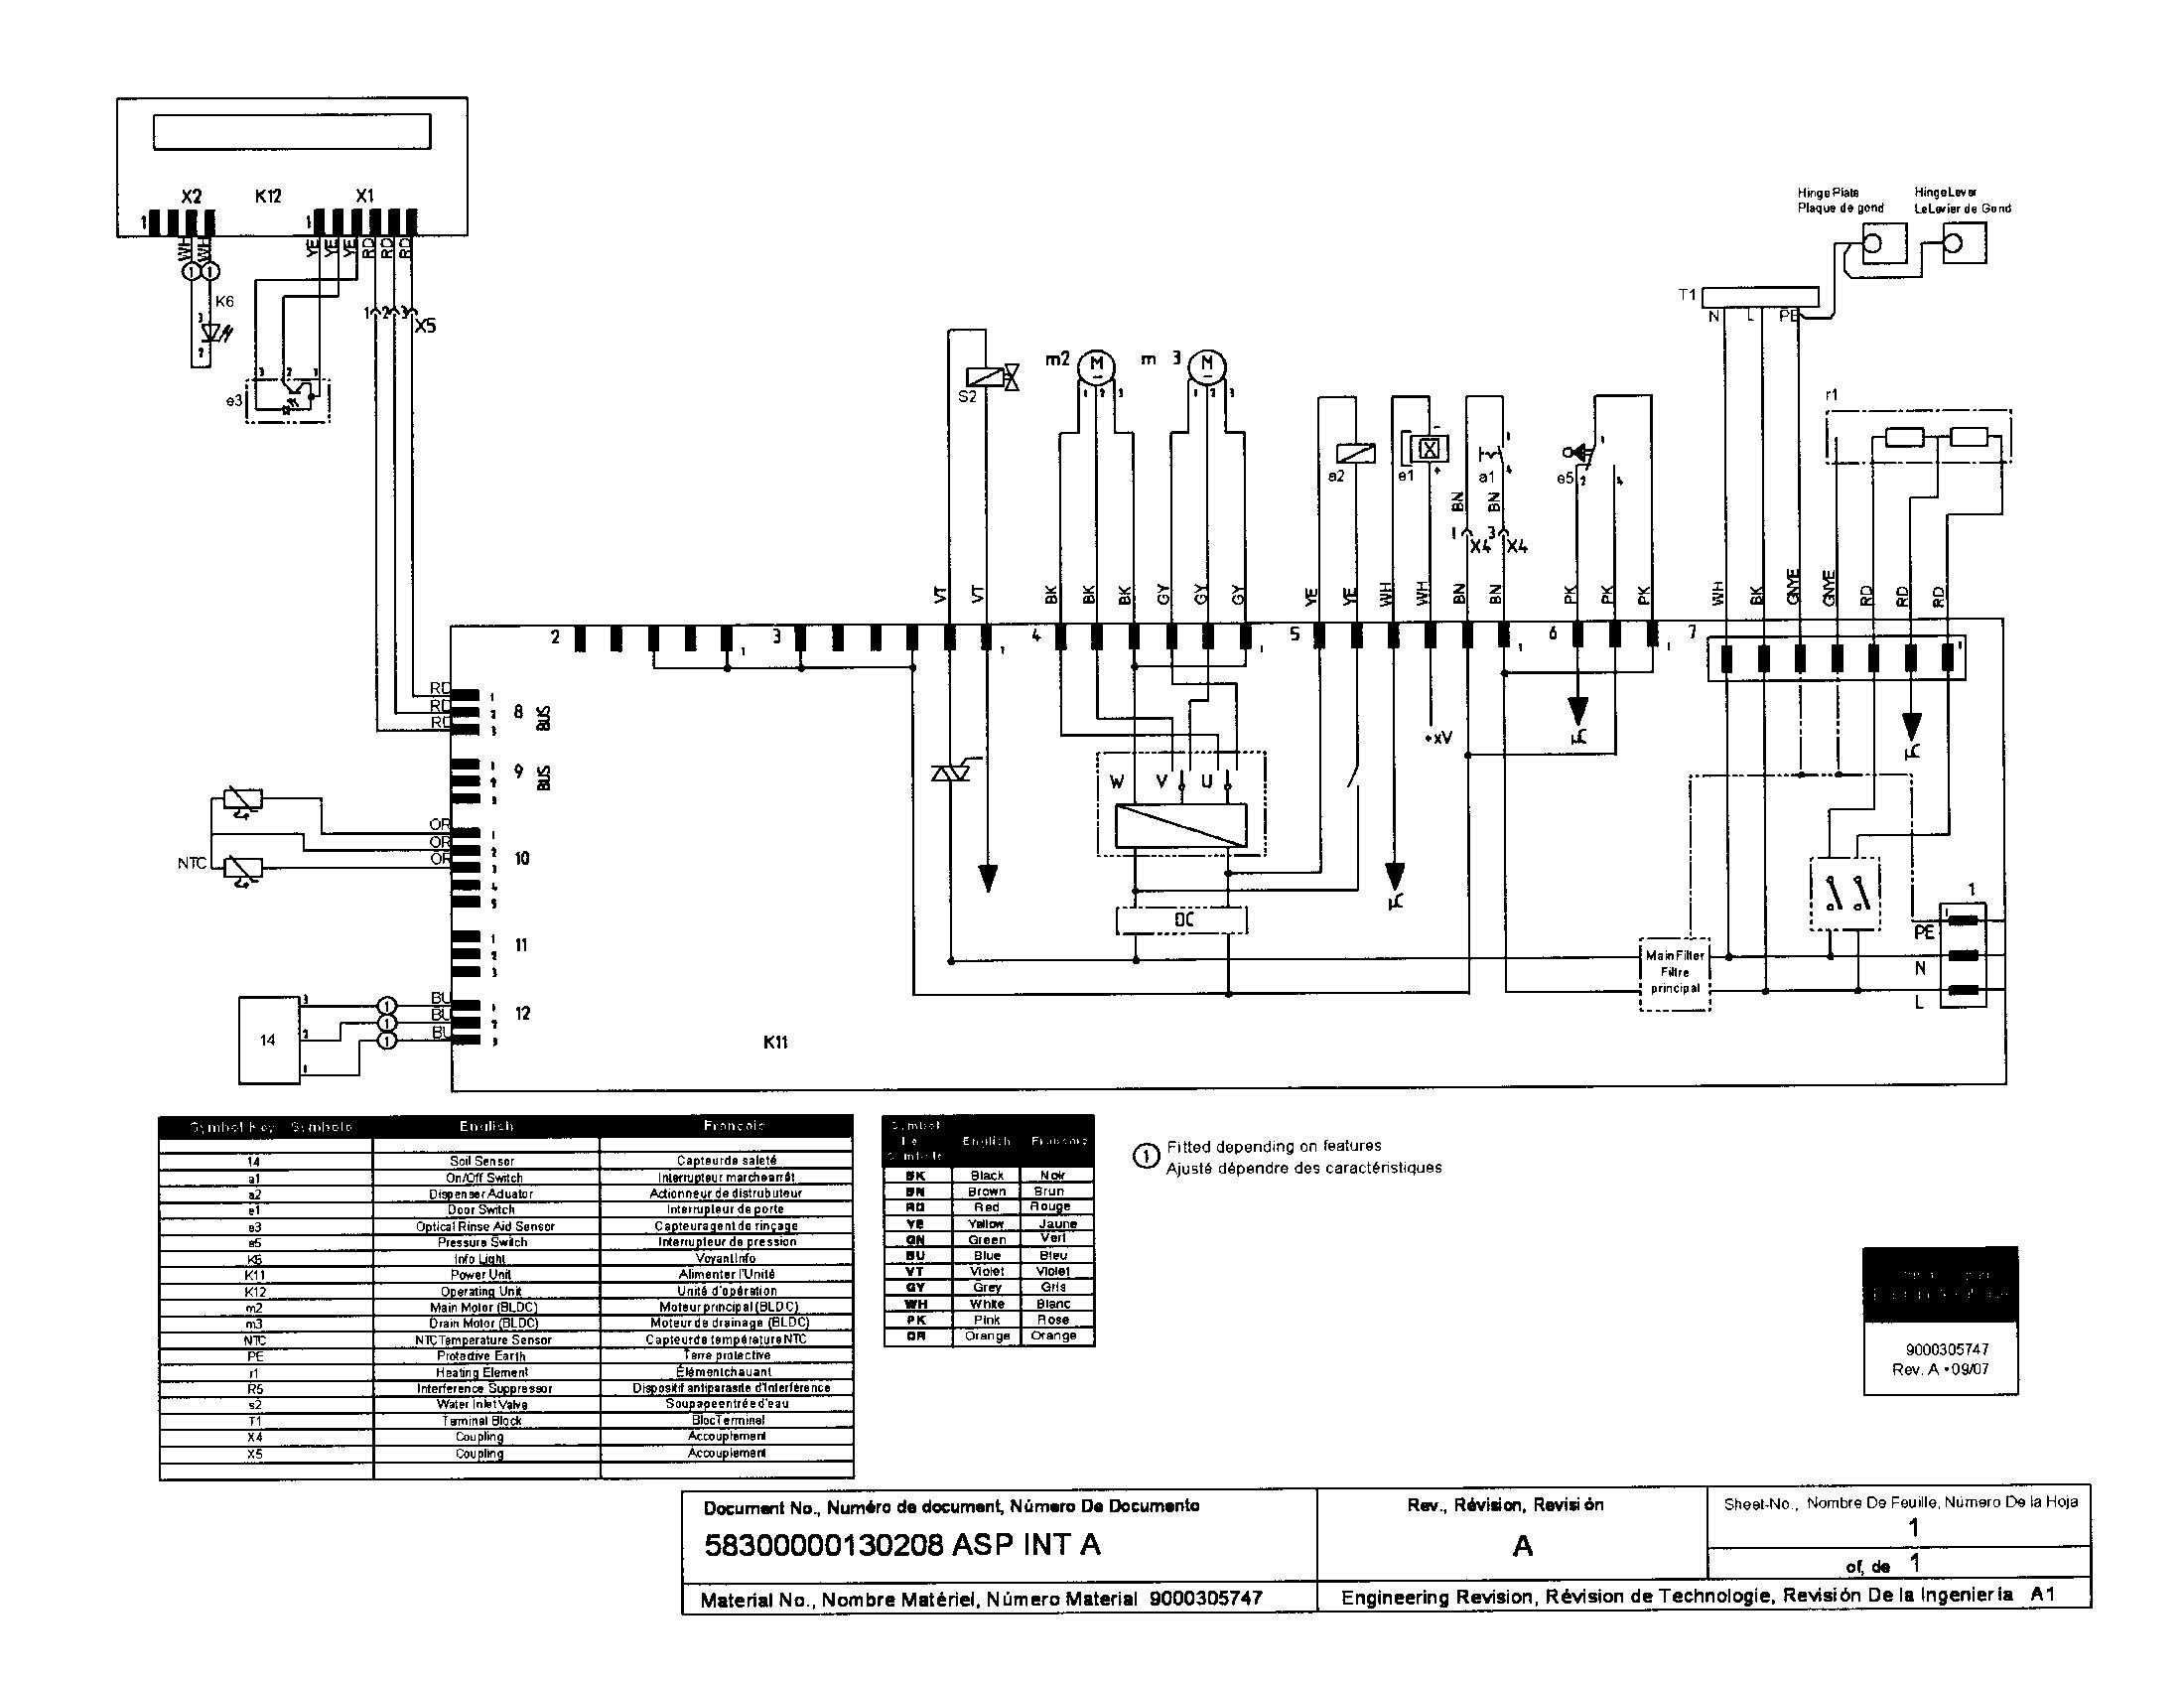 #diagram #diagramtemplate #diagramsample